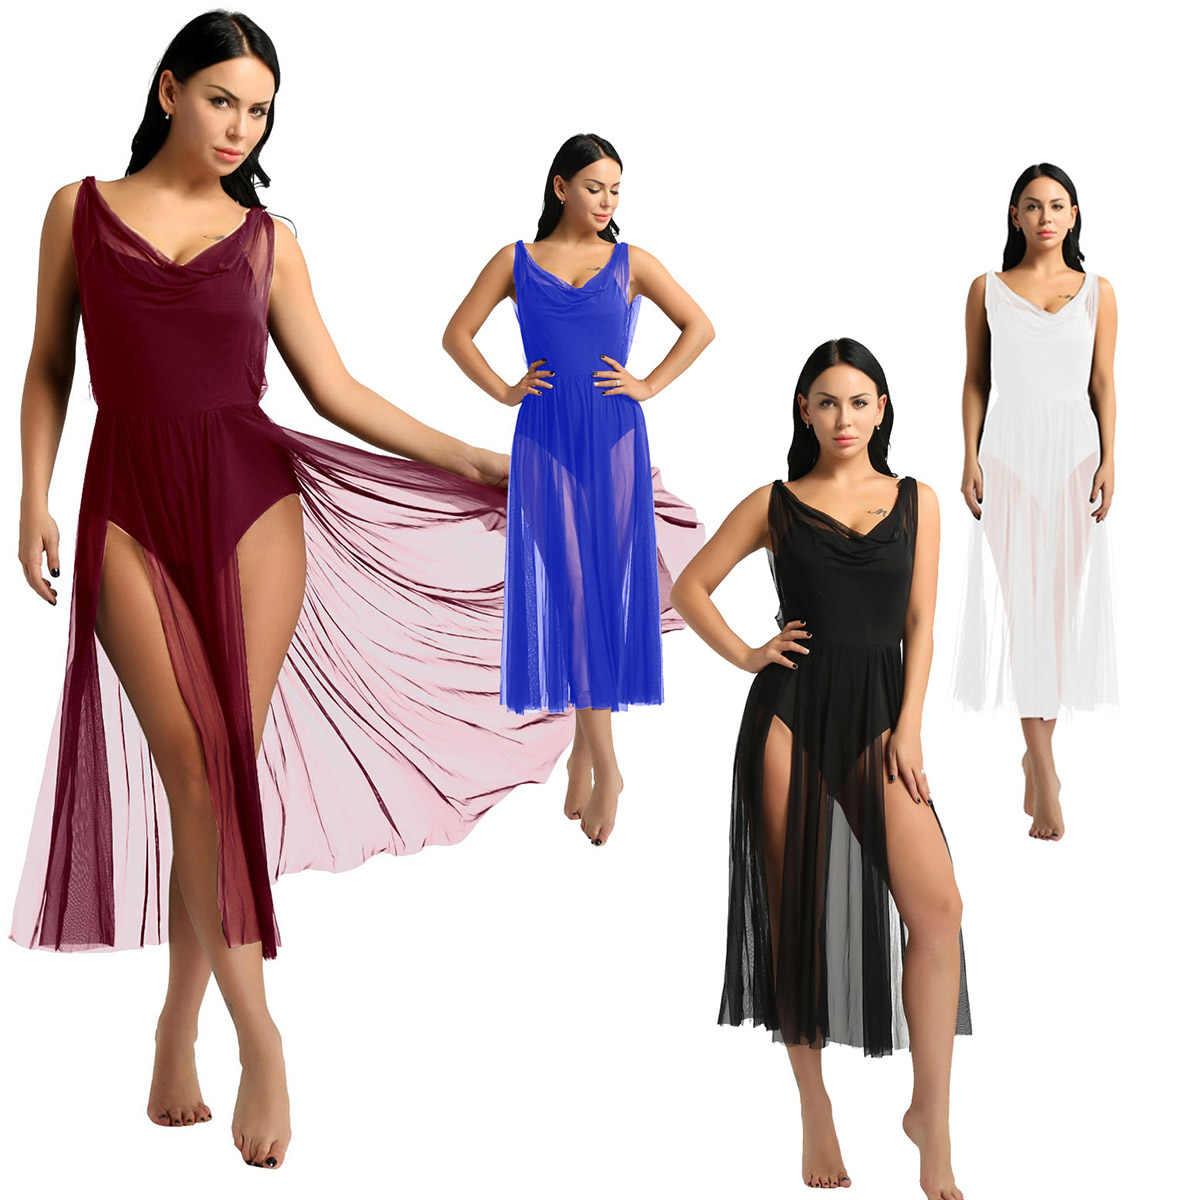 Iiniim, для женщин, для взрослых, гимнастика, трико балерины, сетка, разрез спереди, встроенный в полку, бюстгальтер, трико, боди, балетное платье для танцев